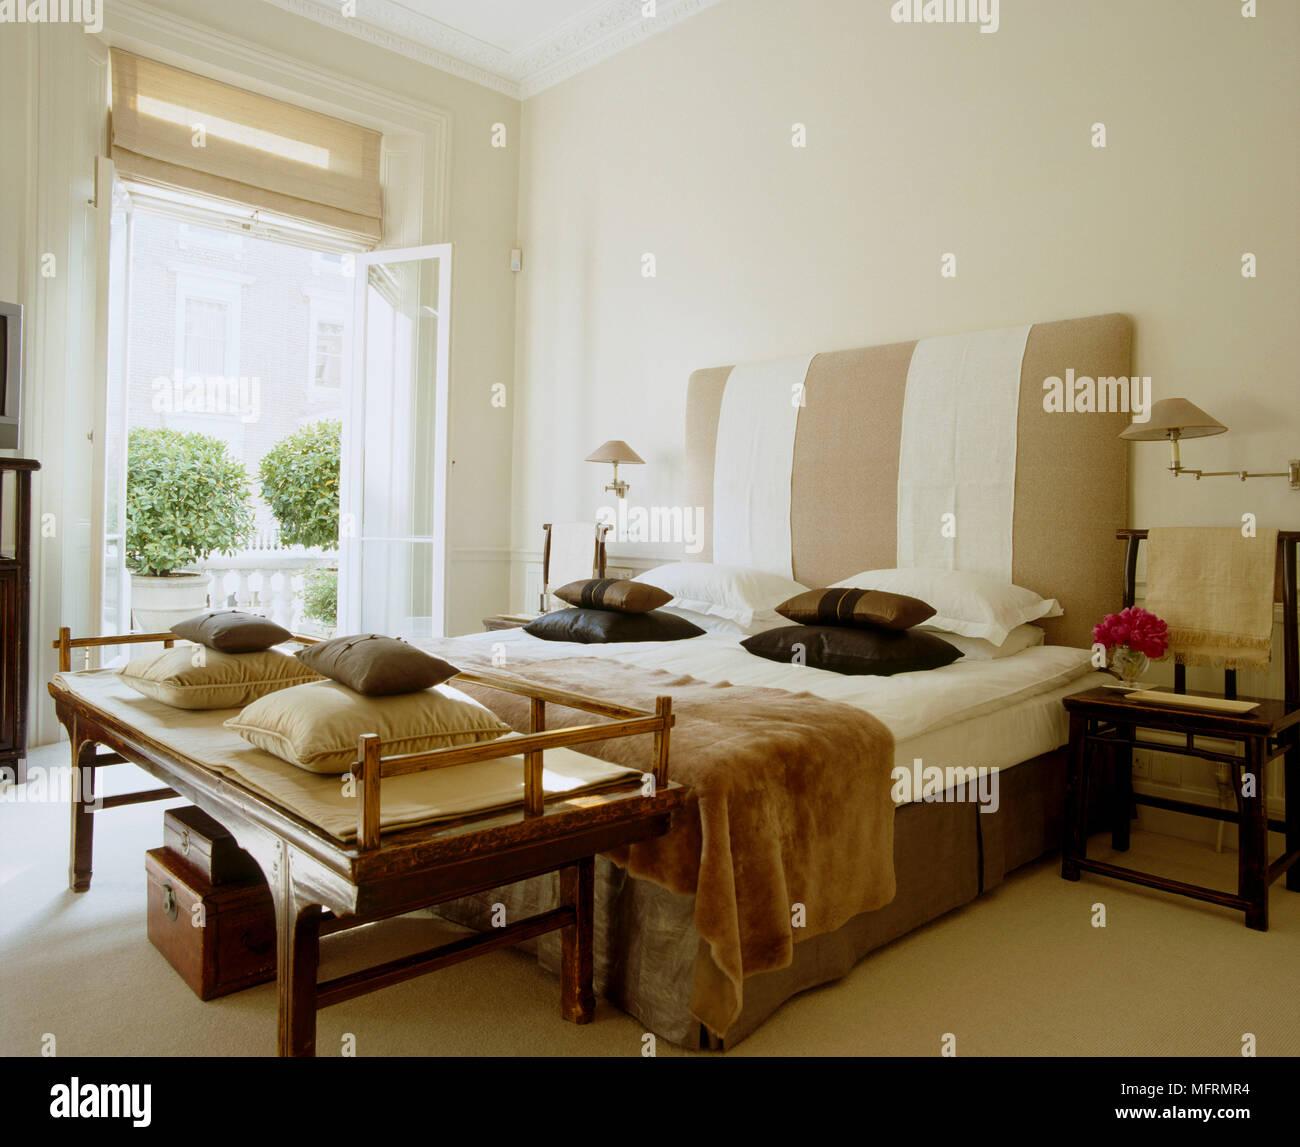 Un lit double chambre à coucher neutre moderne avec table de chevet ...